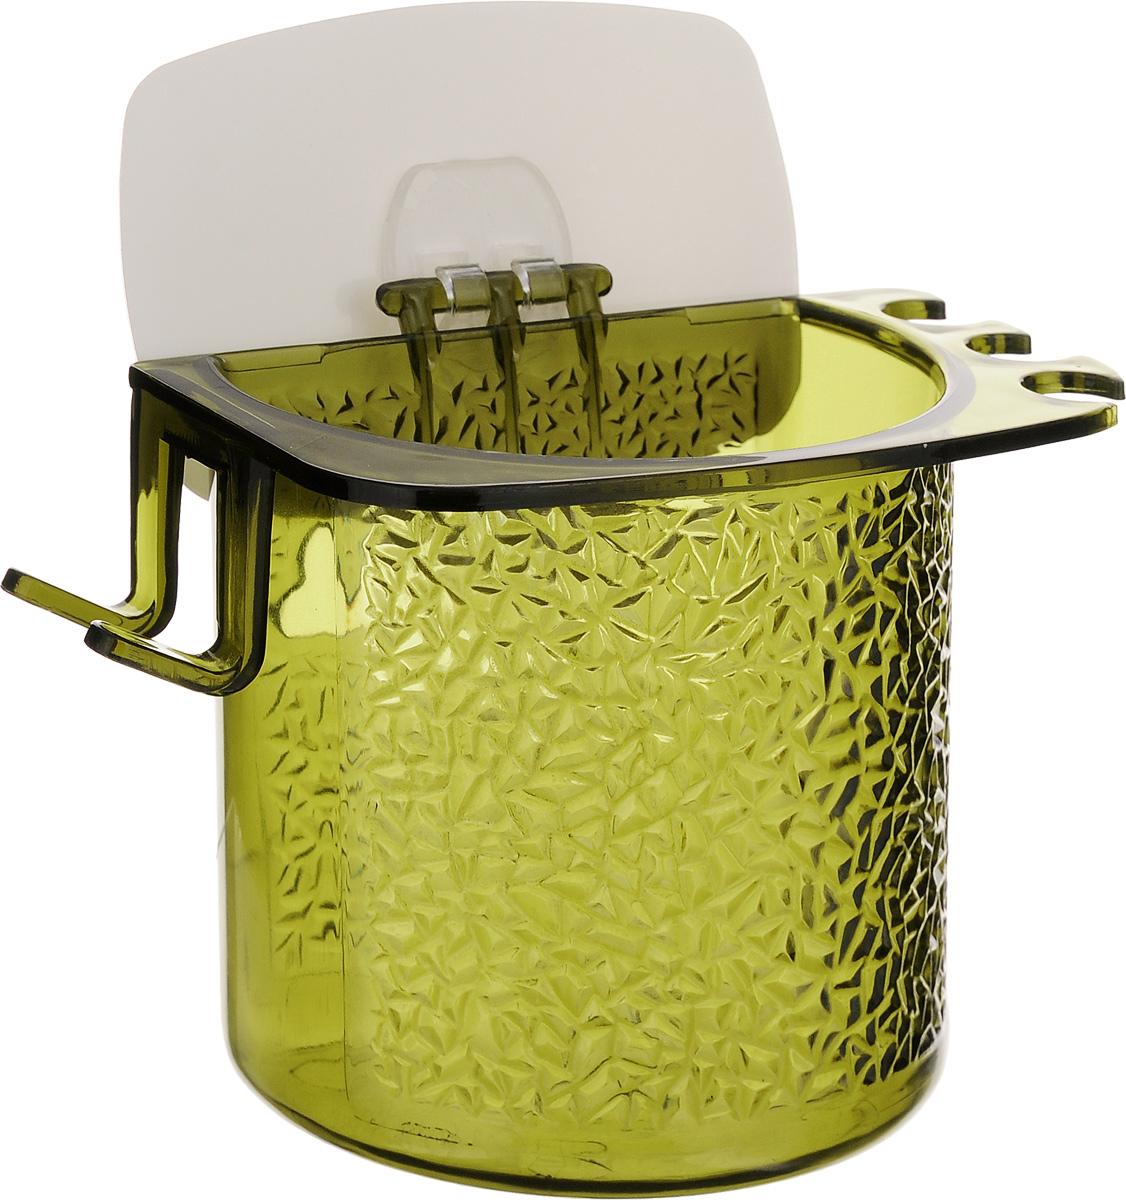 Стакан для ванной Fresh Code, на липкой основе, цвет: зеленыйPARIS 75015-8C ANTIQUEСтакан для ванной комнаты Fresh Code выполнен из ABS пластика. Крепление на липкой основе многократного использования идеально подходит для гладкой поверхности. С оборотной стороны изделие оснащено двумя отверстиями для удобного размещения на стене.В стакане удобно хранить зубные щетки, пасту и другие принадлежности. Аксессуары для ванной комнаты Fresh Code стильно украсят интерьер и добавят в обычную обстановку яркие и модные акценты. Стакан идеально подойдет к любому стилю ванной комнаты.